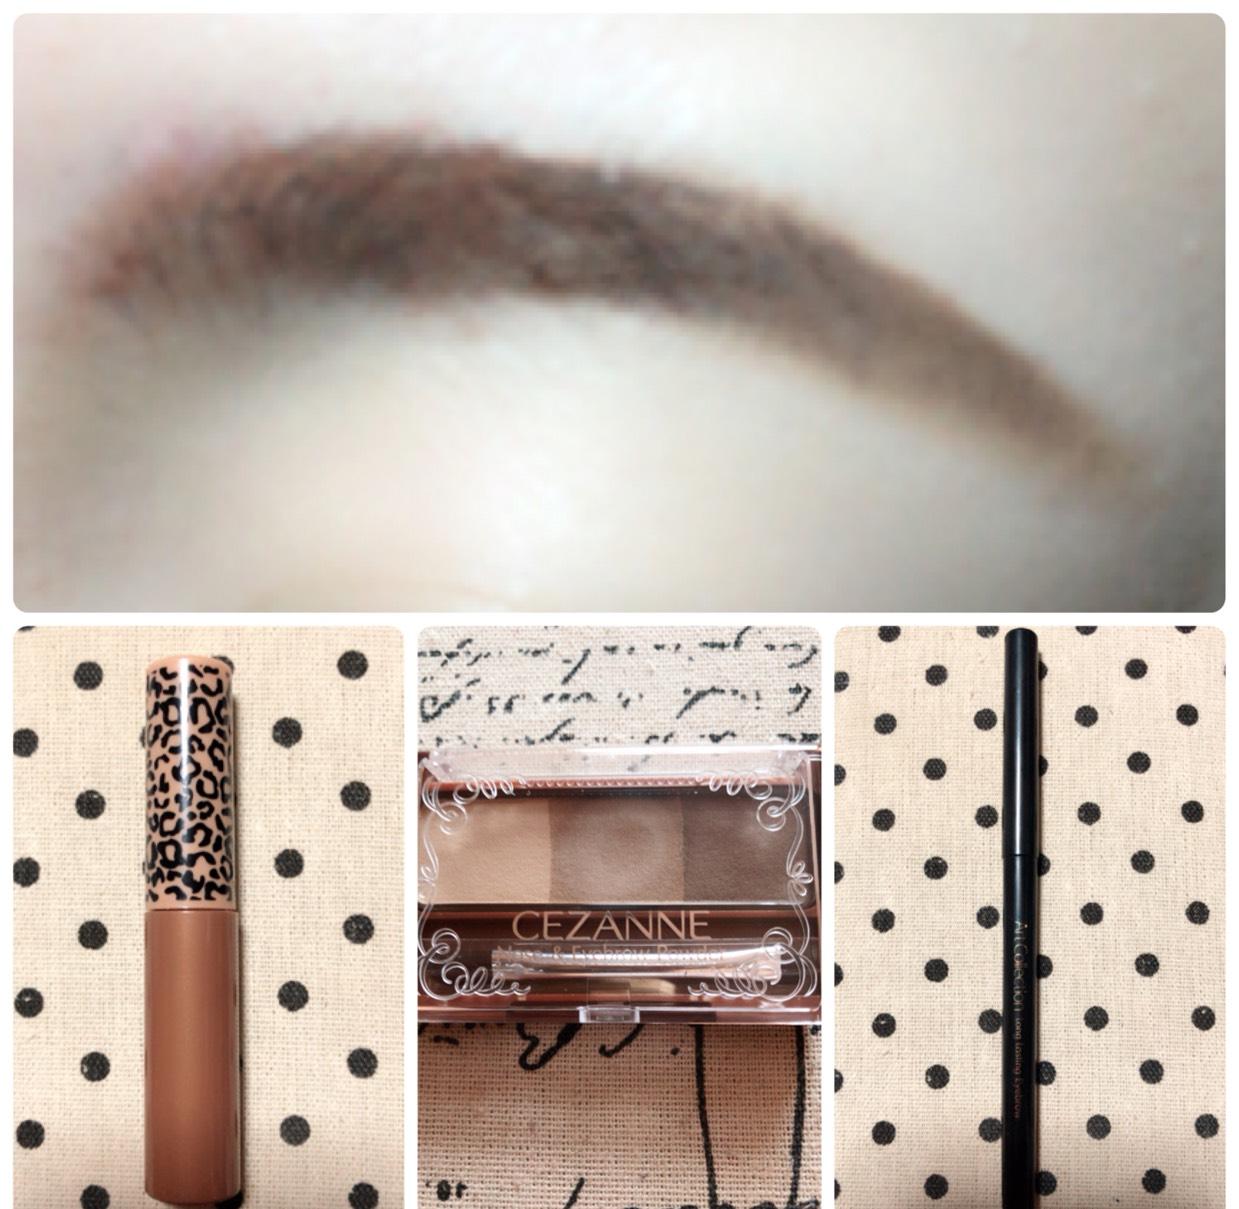 自眉毛に眉マスカラを塗り、眉尻をペンシルで大まかにラインを書いてからアイブロウパウダーで眉尻を書きます。